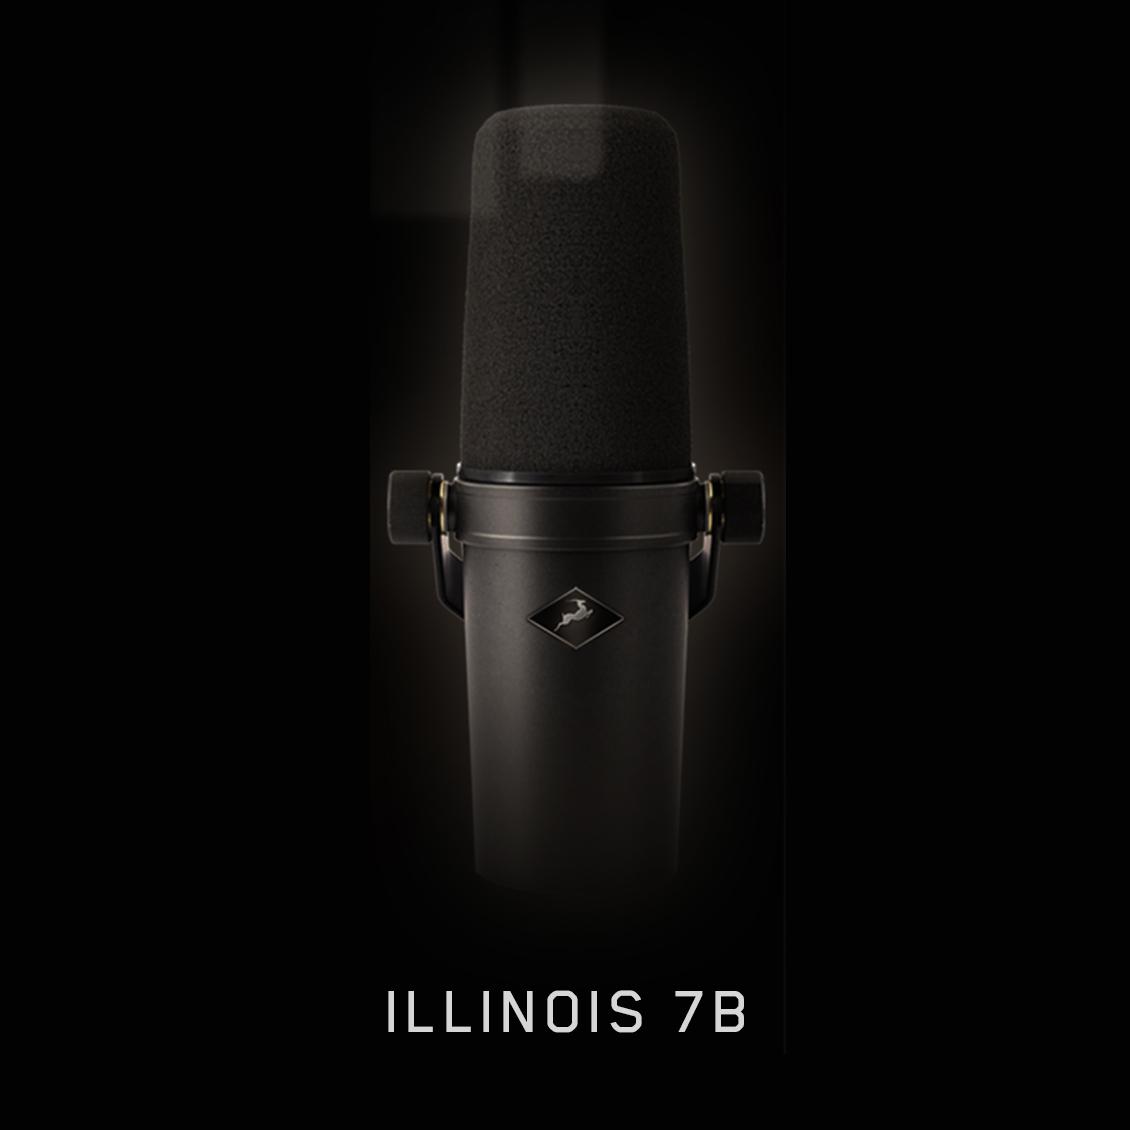 Illinois 7B 1